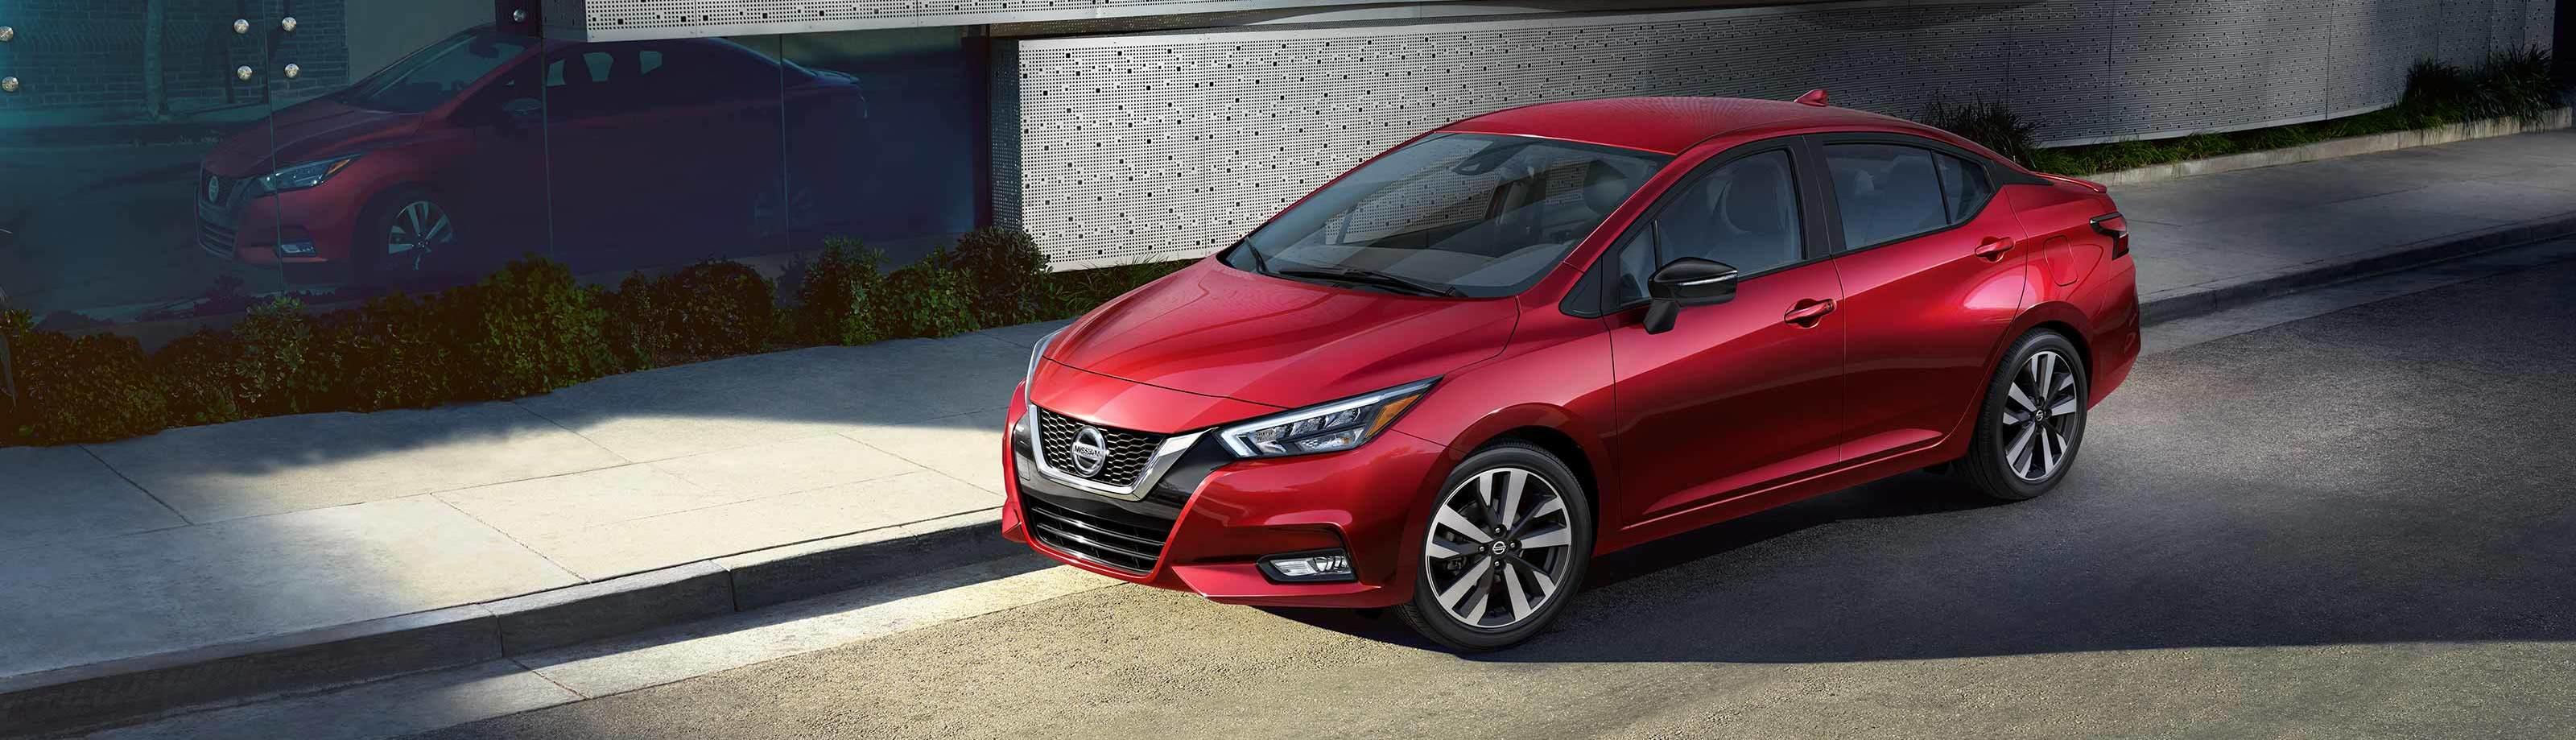 2020 Nissan Versa for Sale near Morton Grove, IL